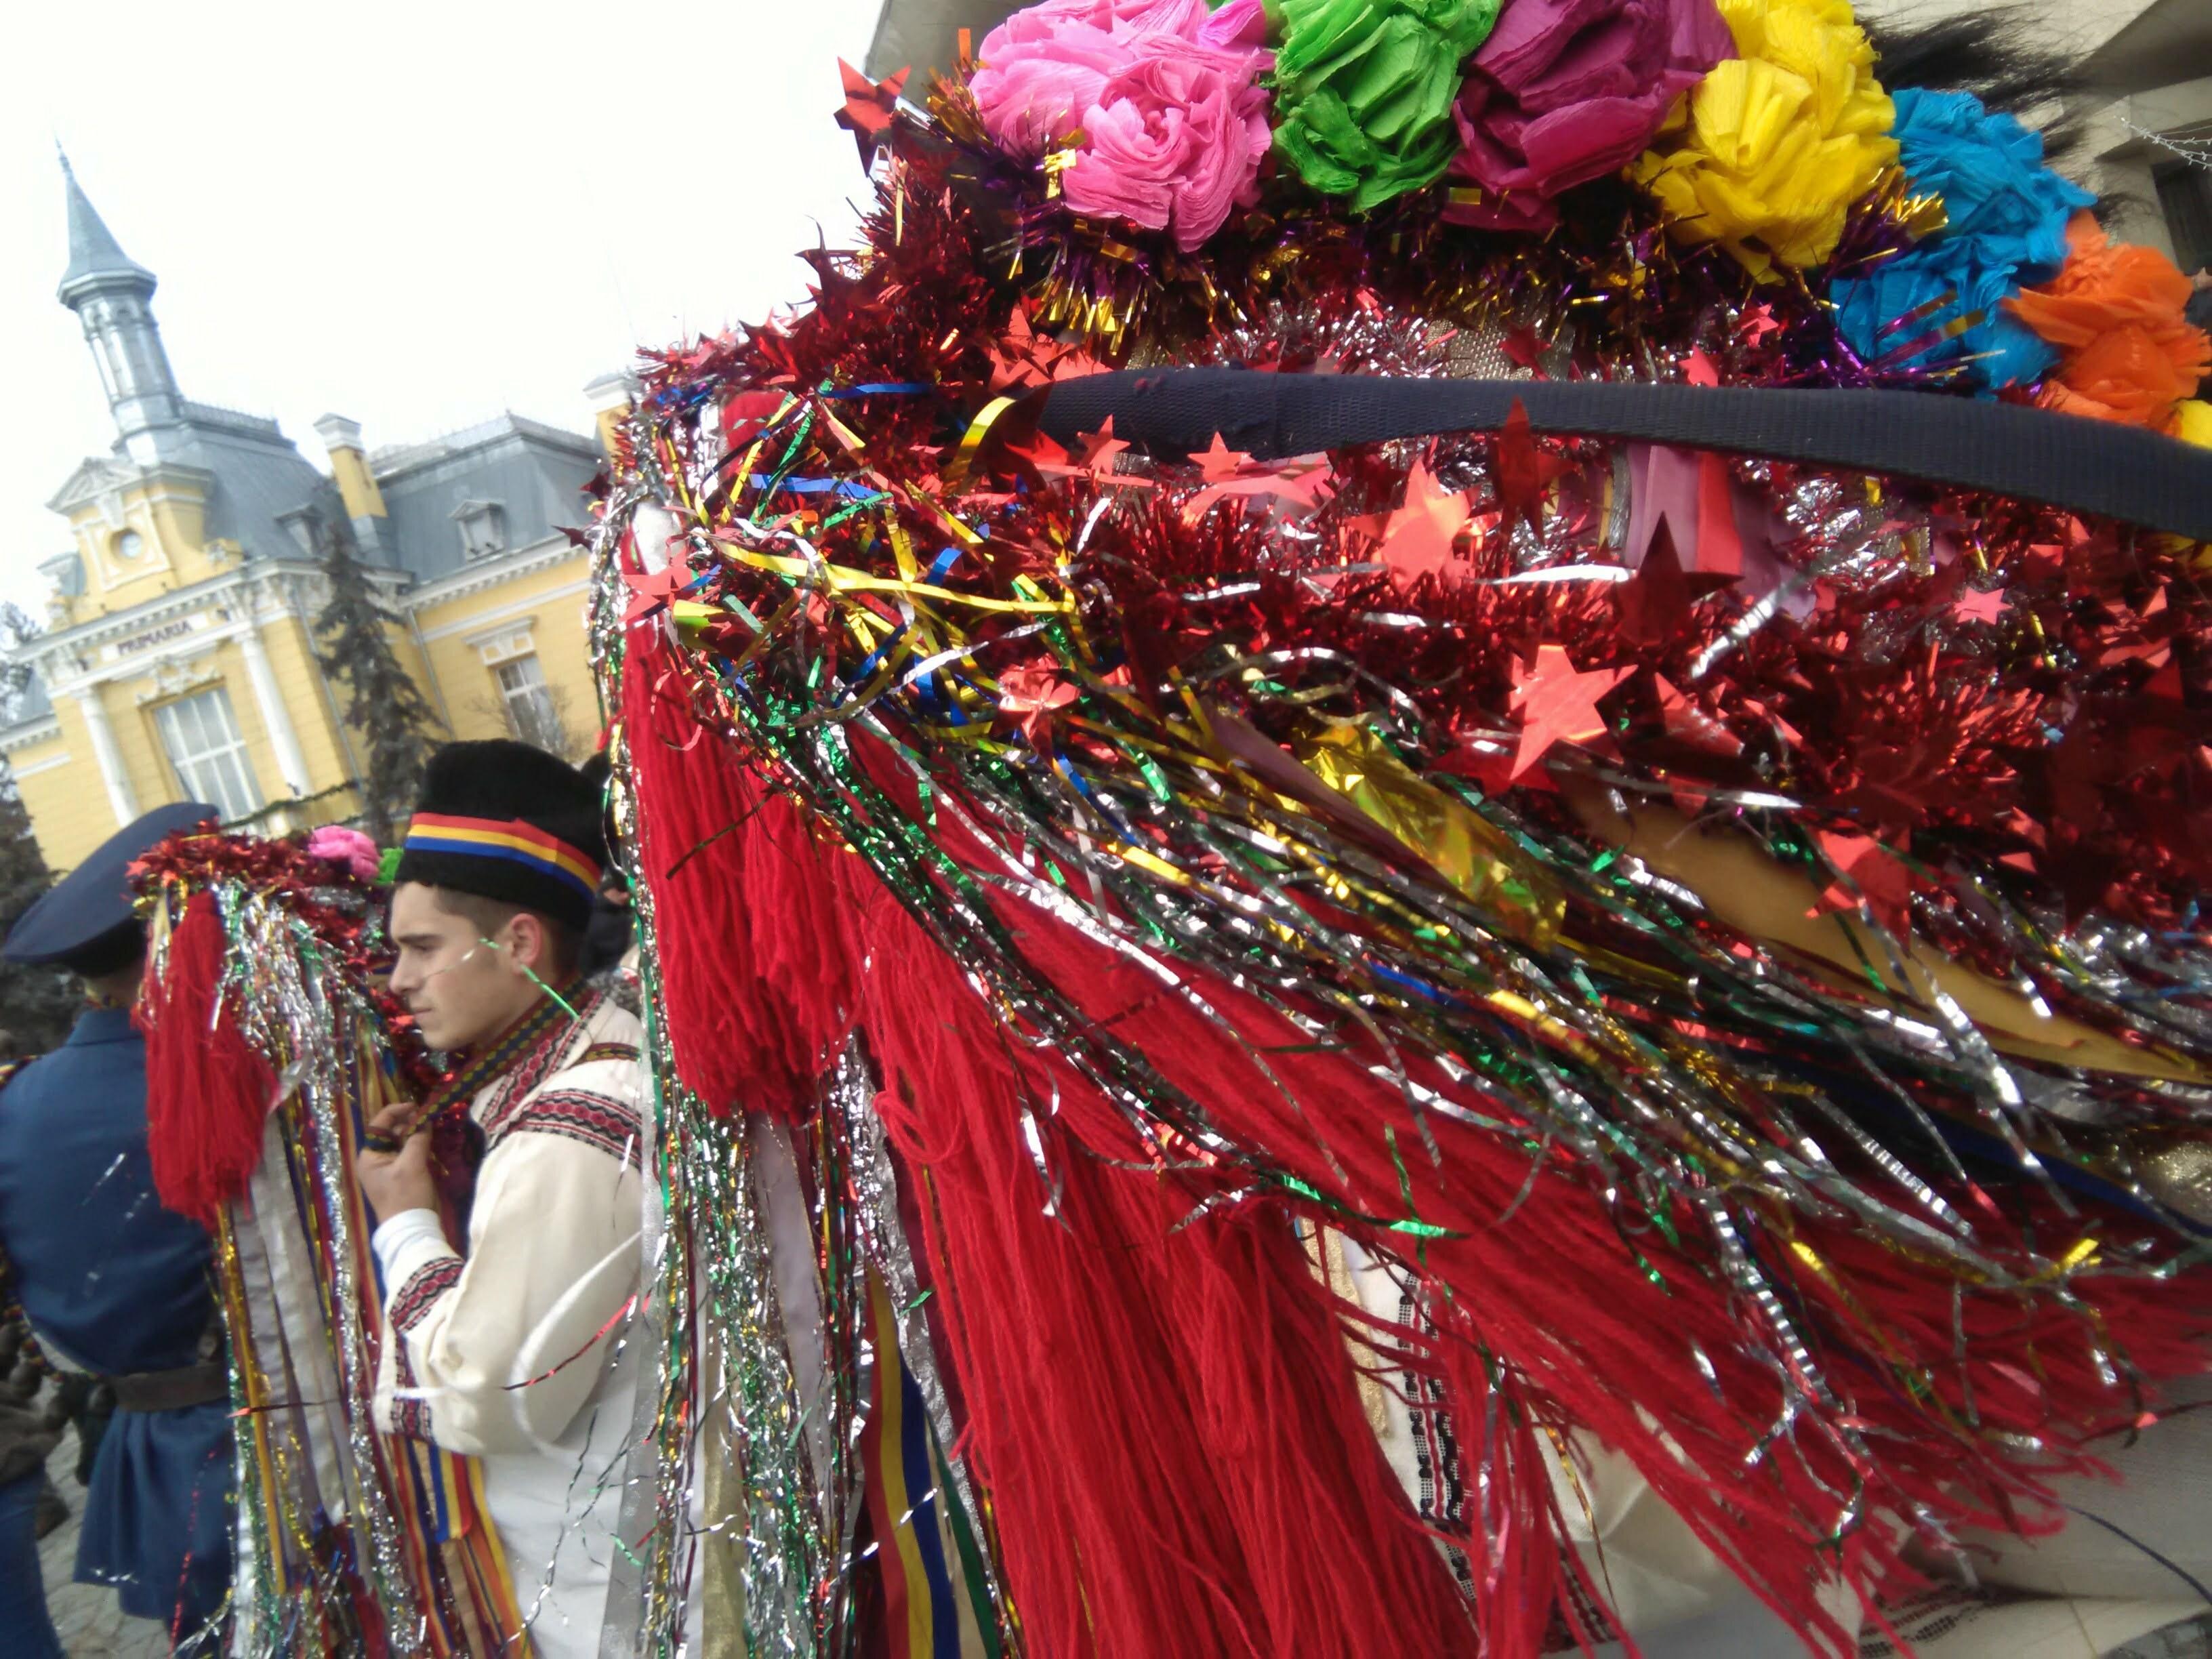 Paradă a datinilor și obiceiurilor pe străzile din municipiul Botoșani